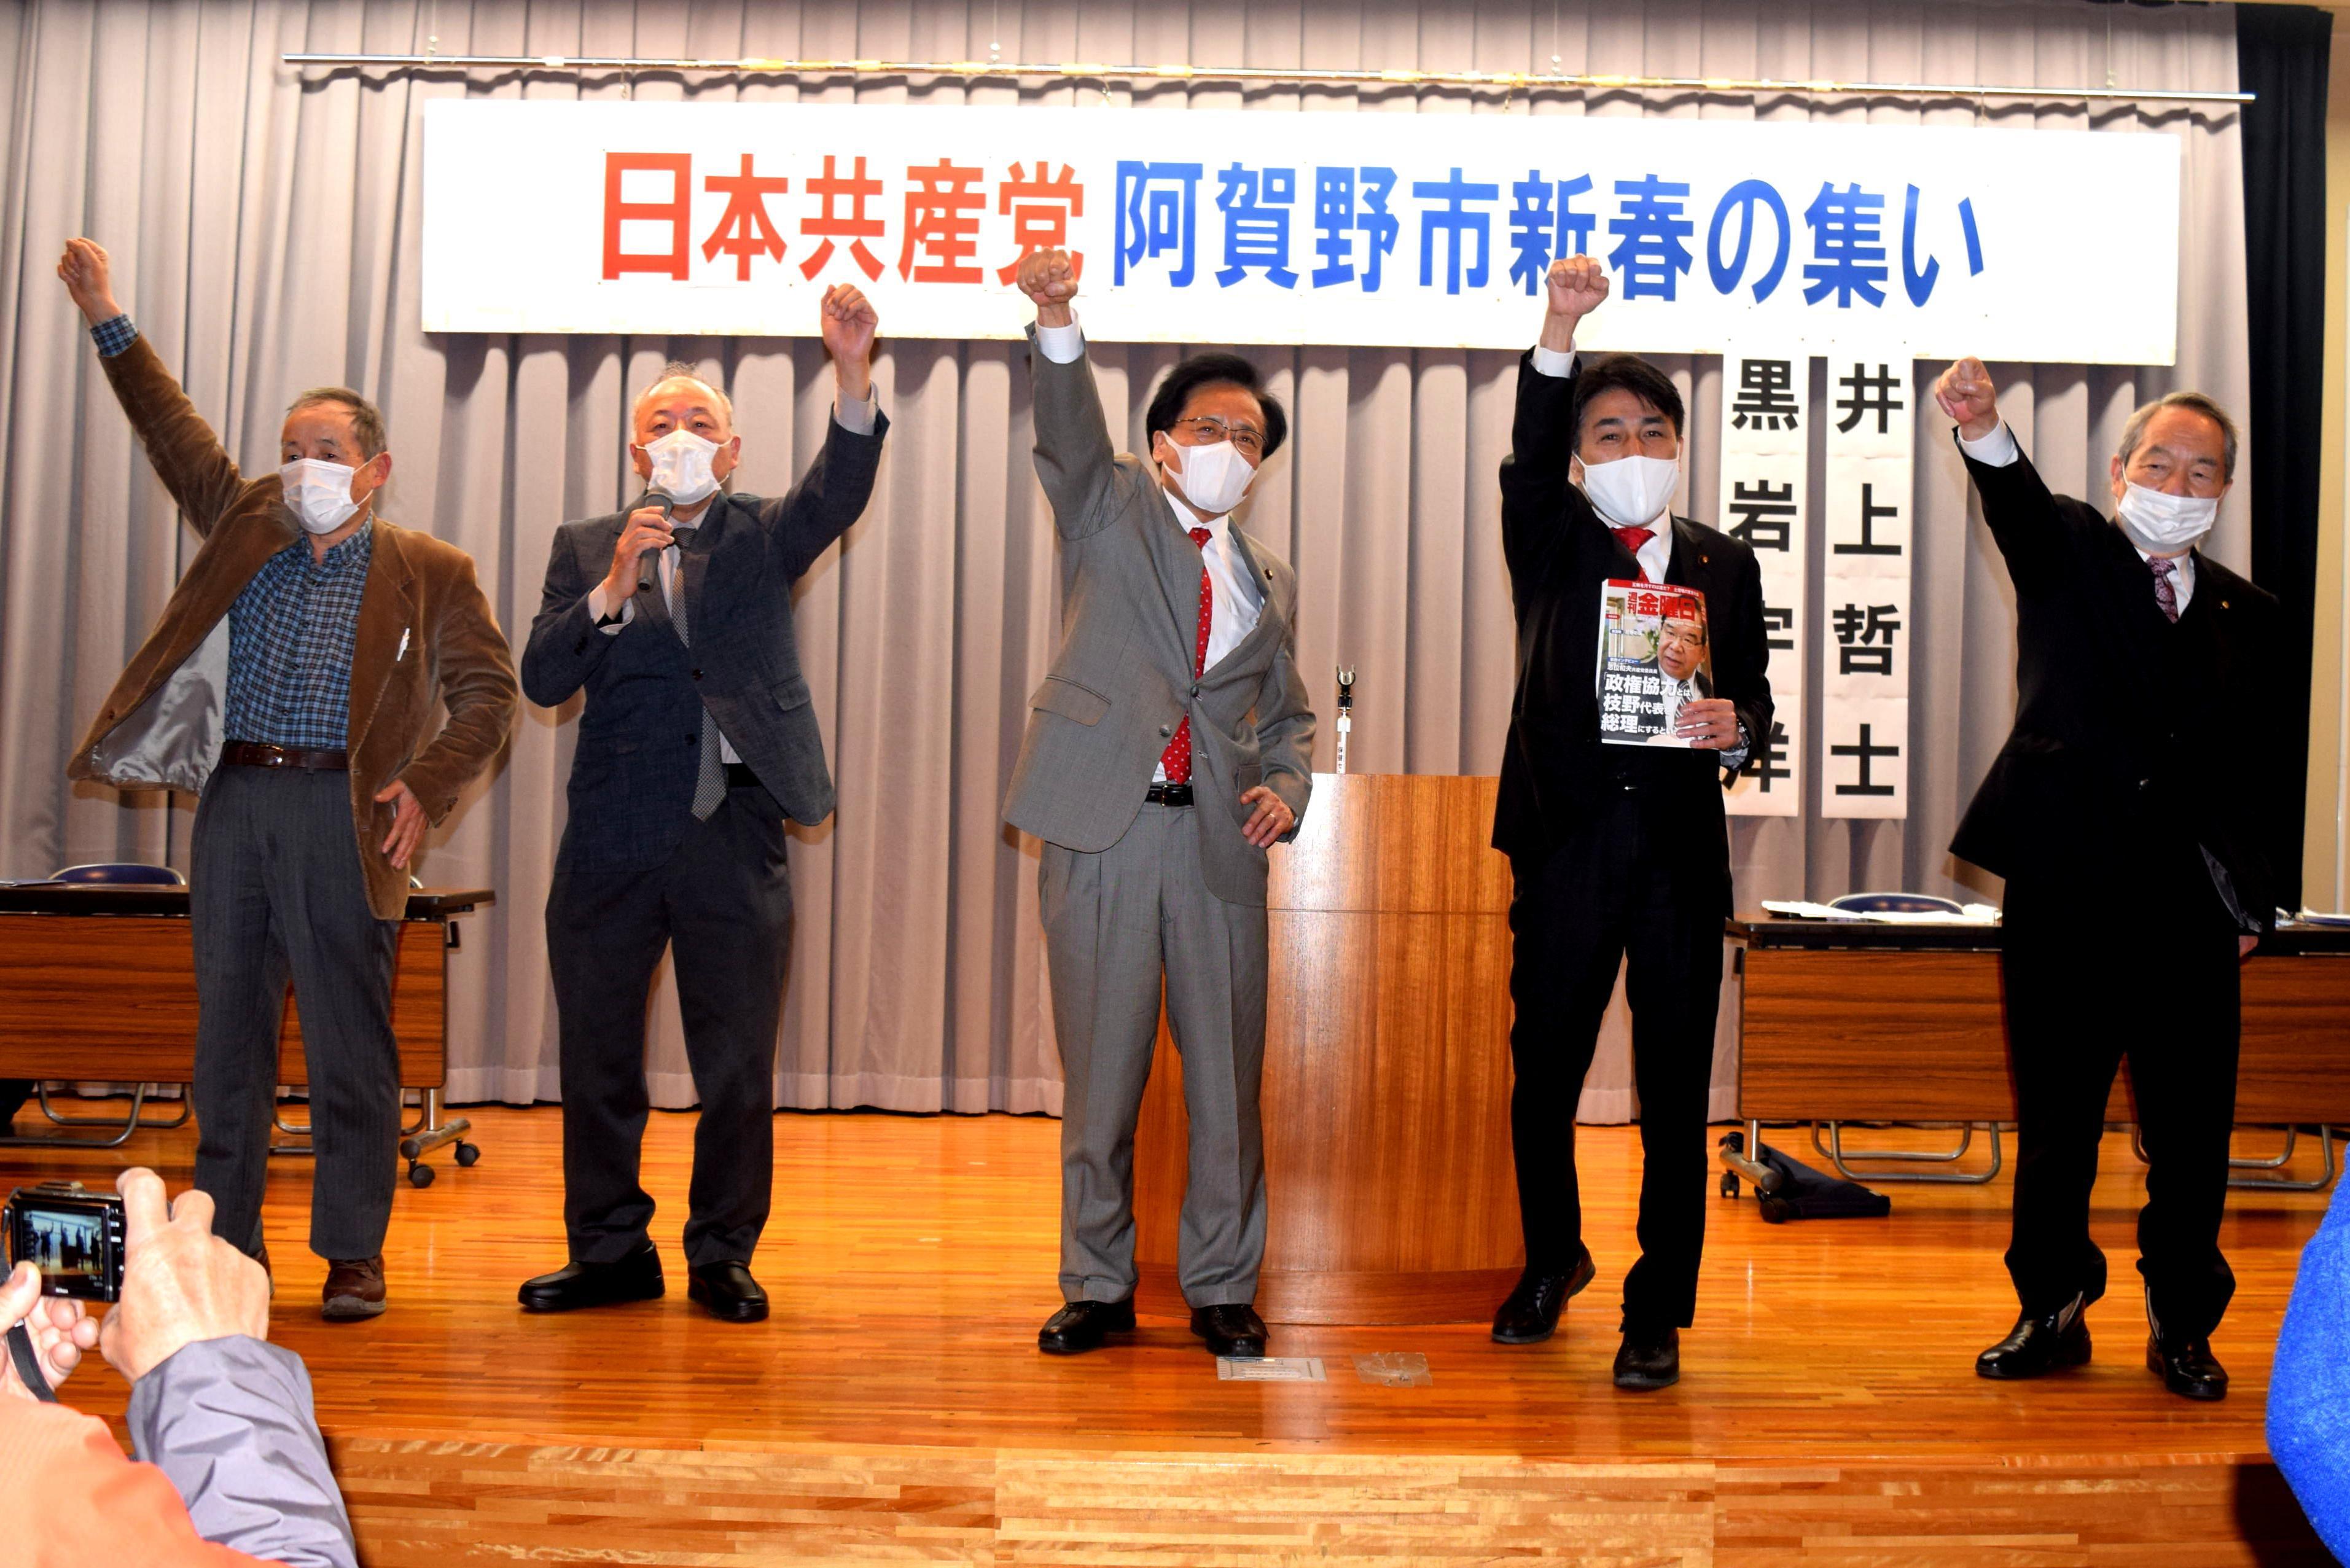 http://www.inoue-satoshi.com/diary/%E3%82%AC%E3%83%B3%E3%83%90%E3%83%AD%E3%83%BC%EF%BC%91.jpg